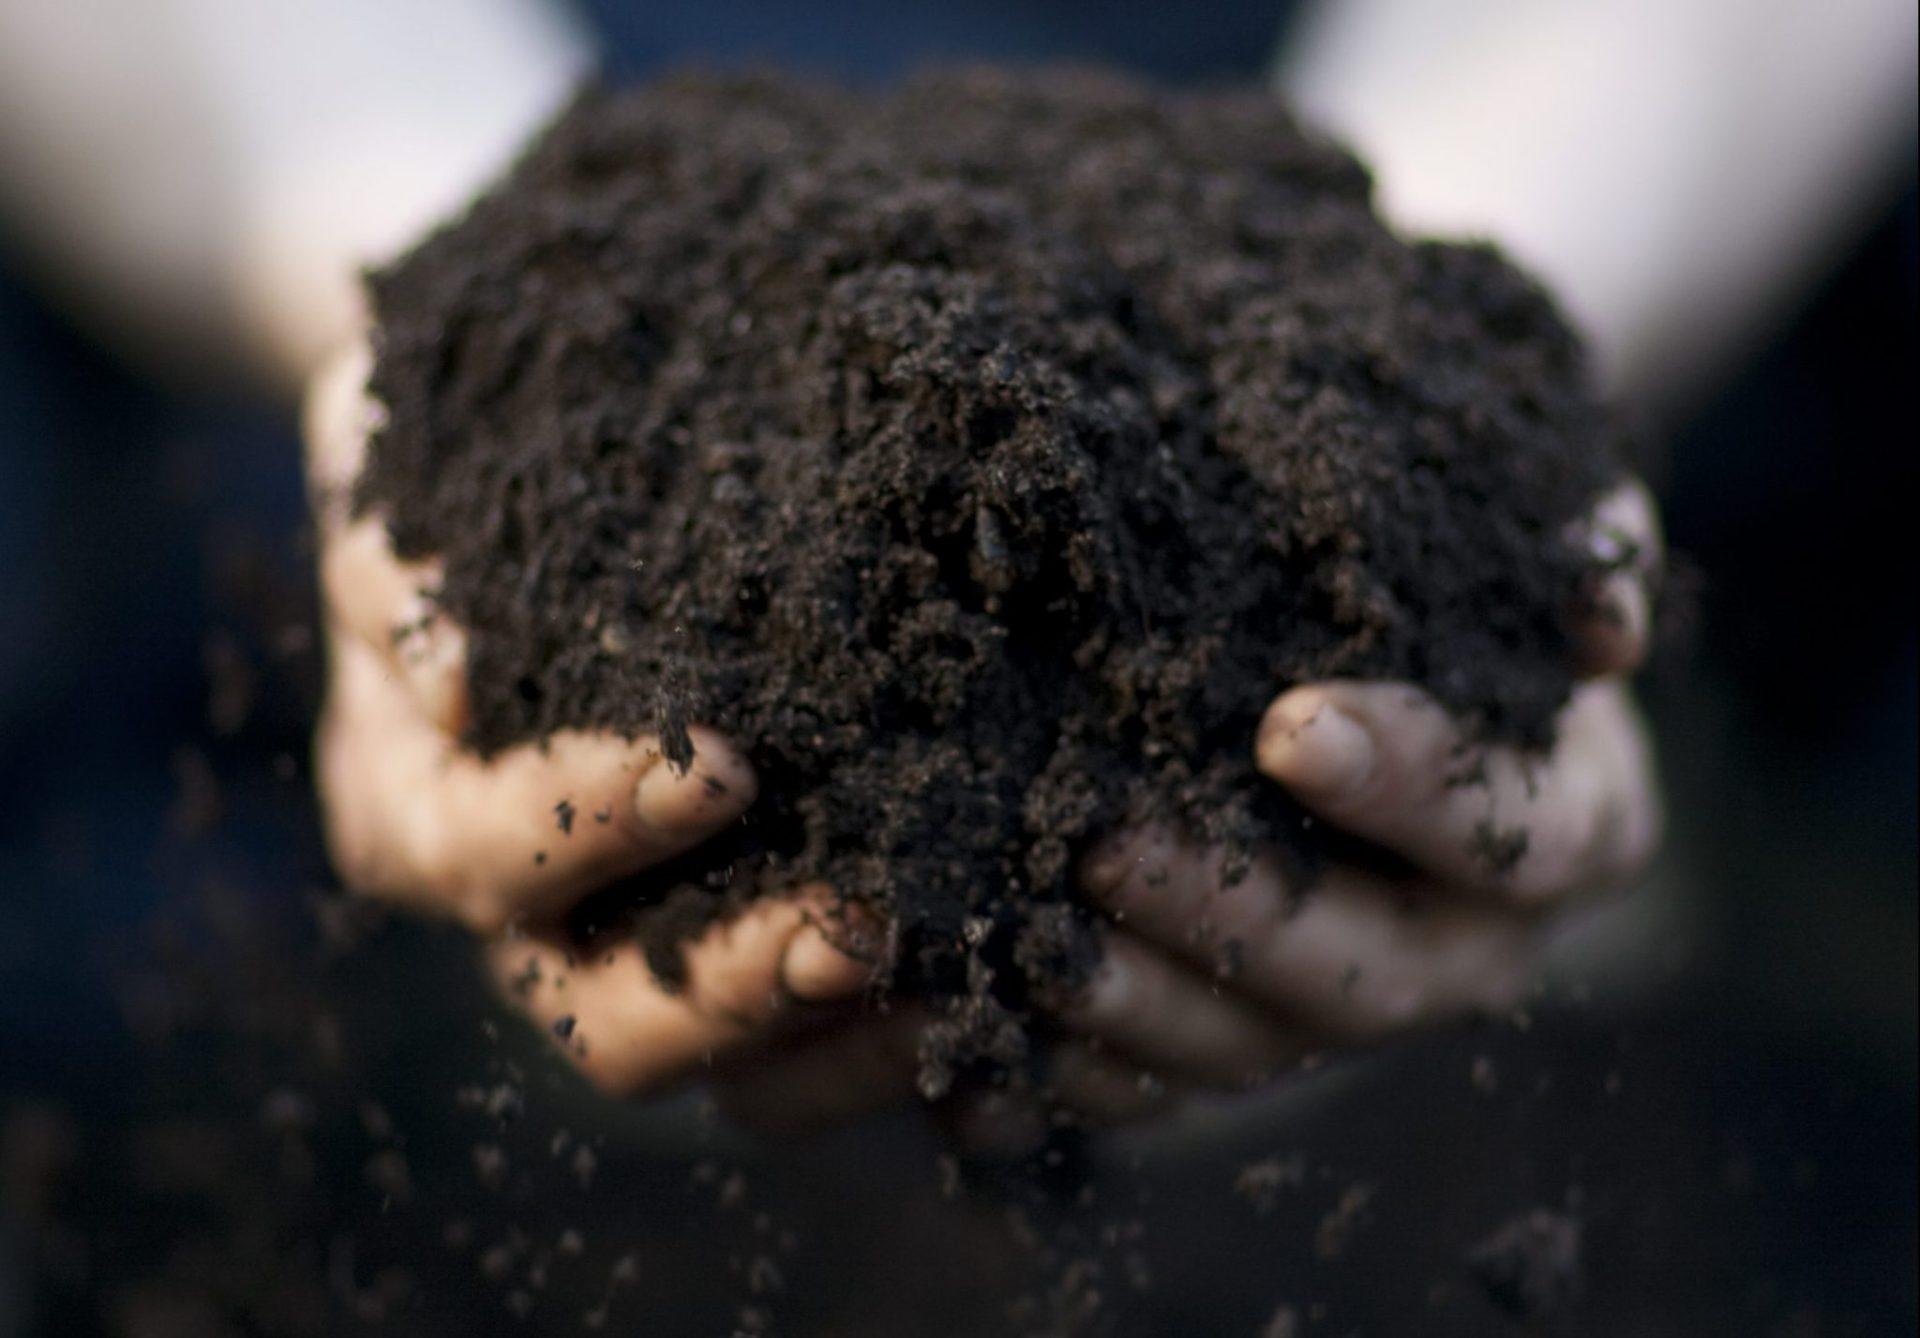 BVB Landscaping Kwaliteit duurzaamheid substraten openbaar groen groeimedia